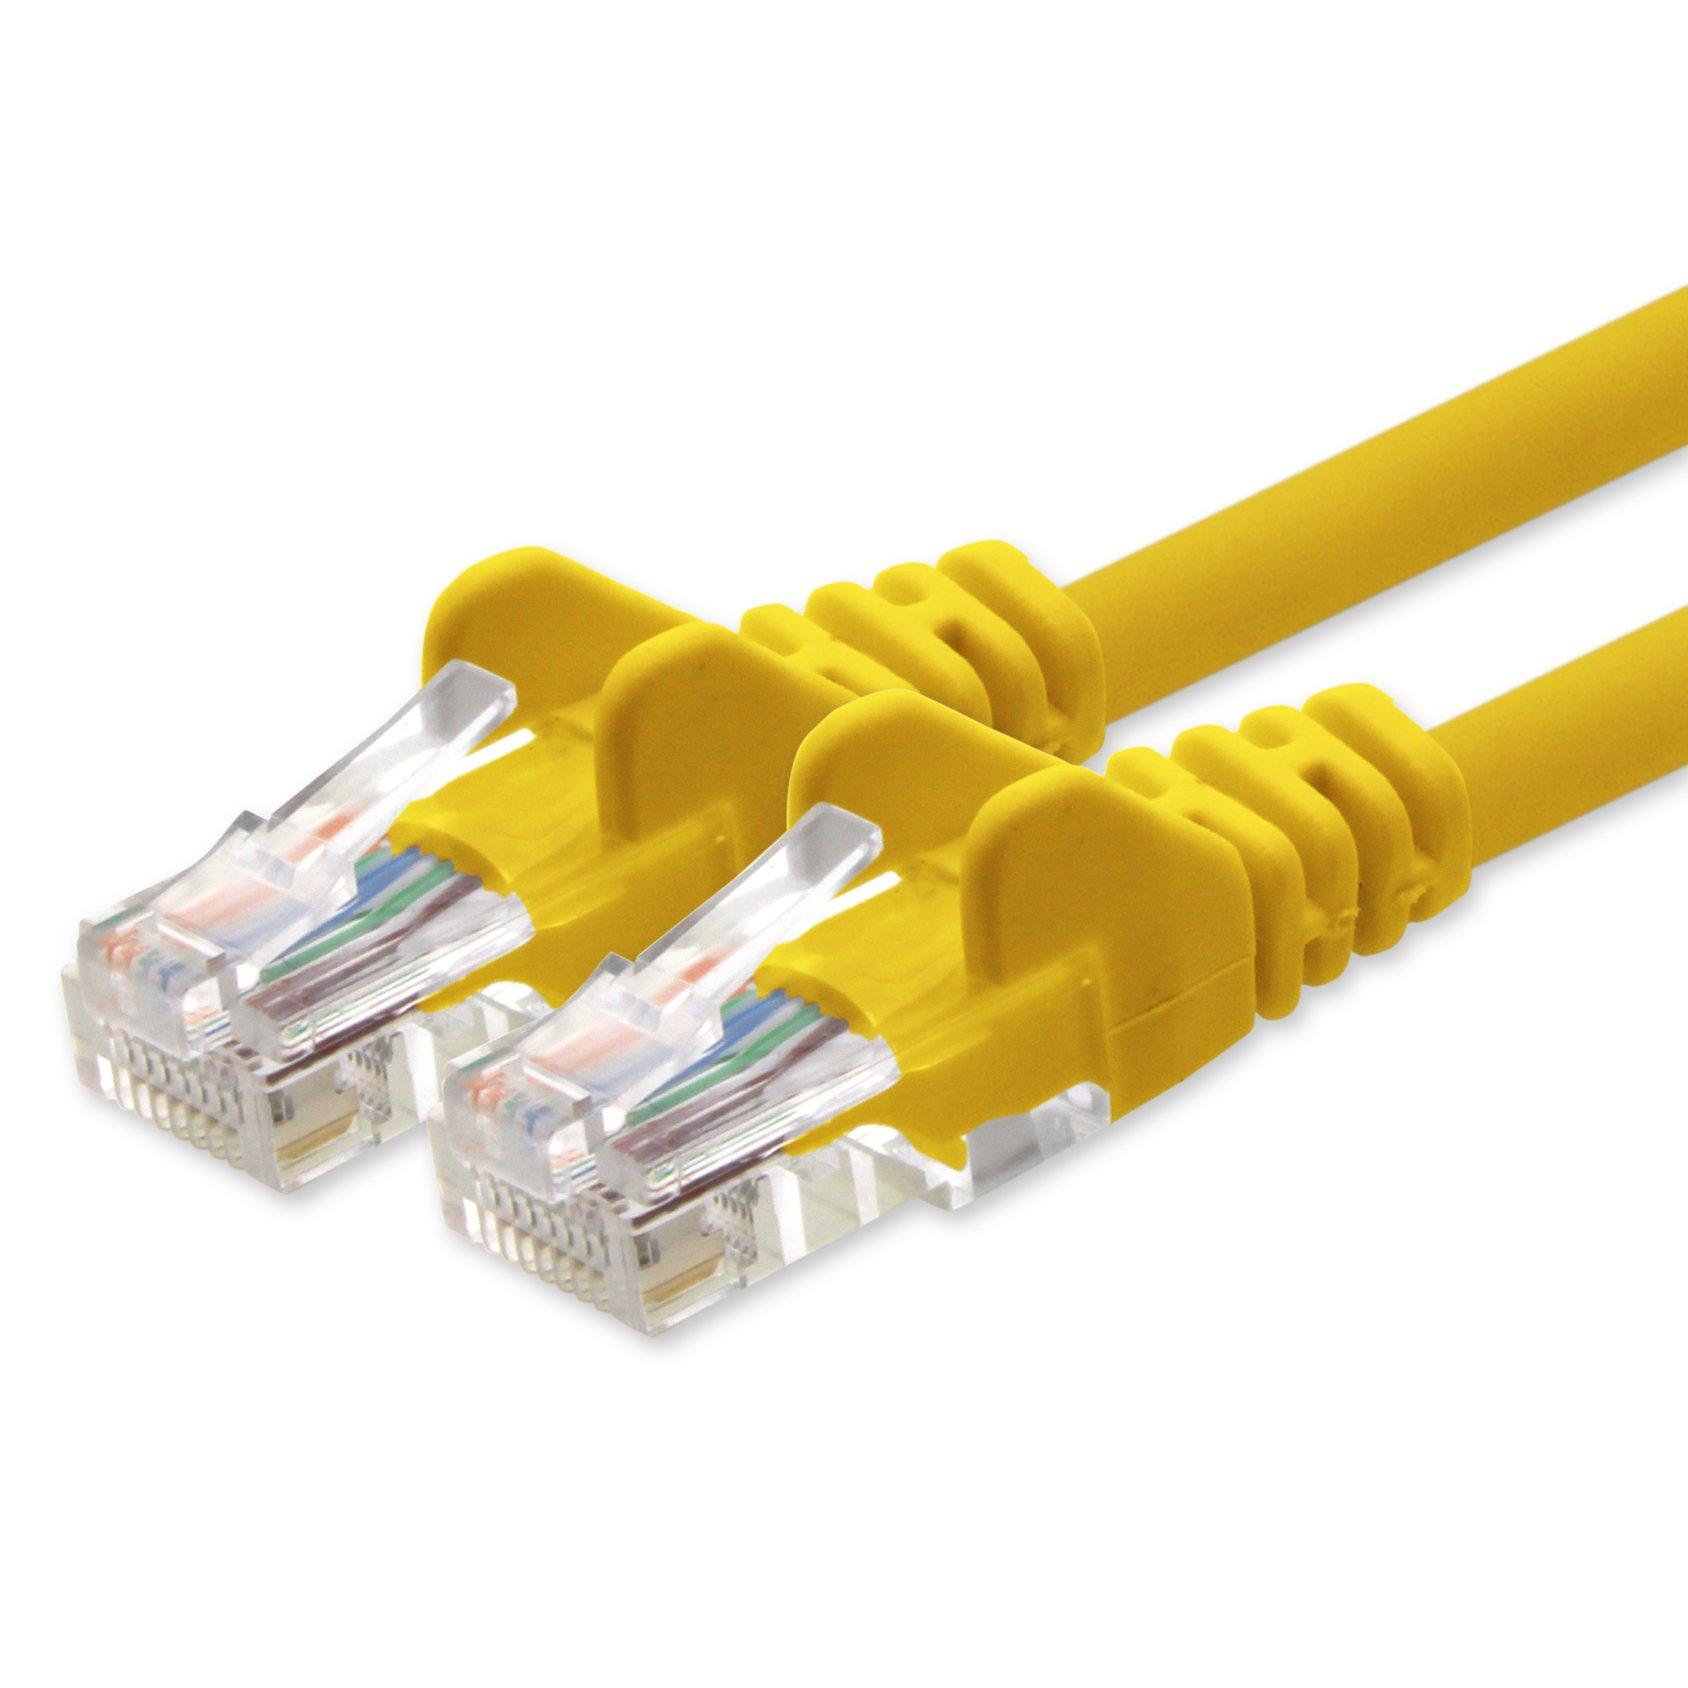 1 aTTack. de Cat 5e Patch Cable Cable de red U/UTP compatible con Cat.5E Cat.5 Cat.6 para router módem Patch Pannel Internet Smart TV Xbox amarillo - 1 unidad 2 m: Amazon.es: